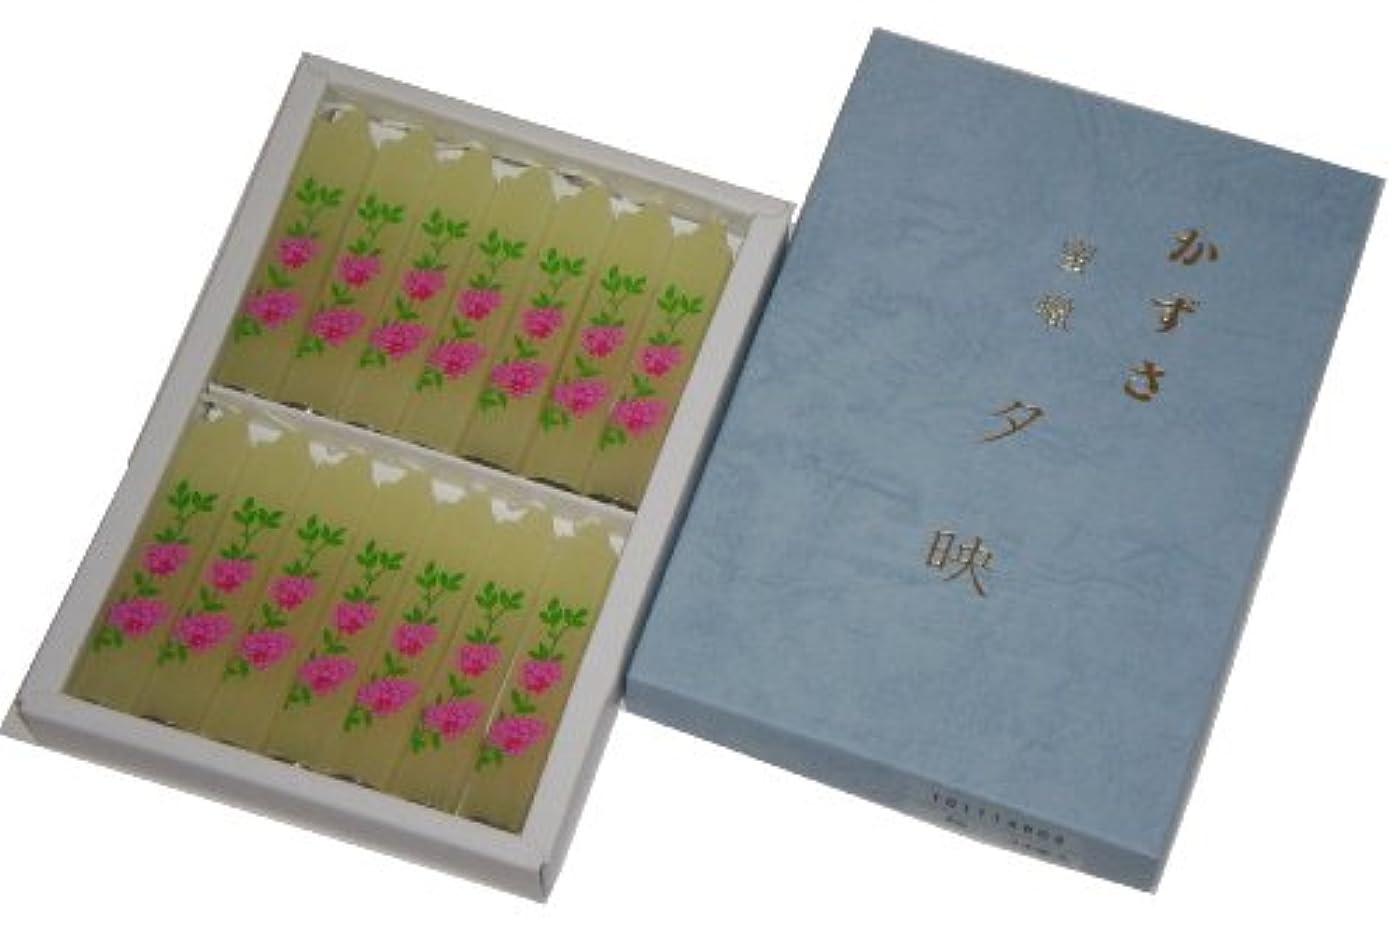 発行する推定絶妙鳥居のローソク 蜜蝋小夕映 桜 14本入 金具付 #100964